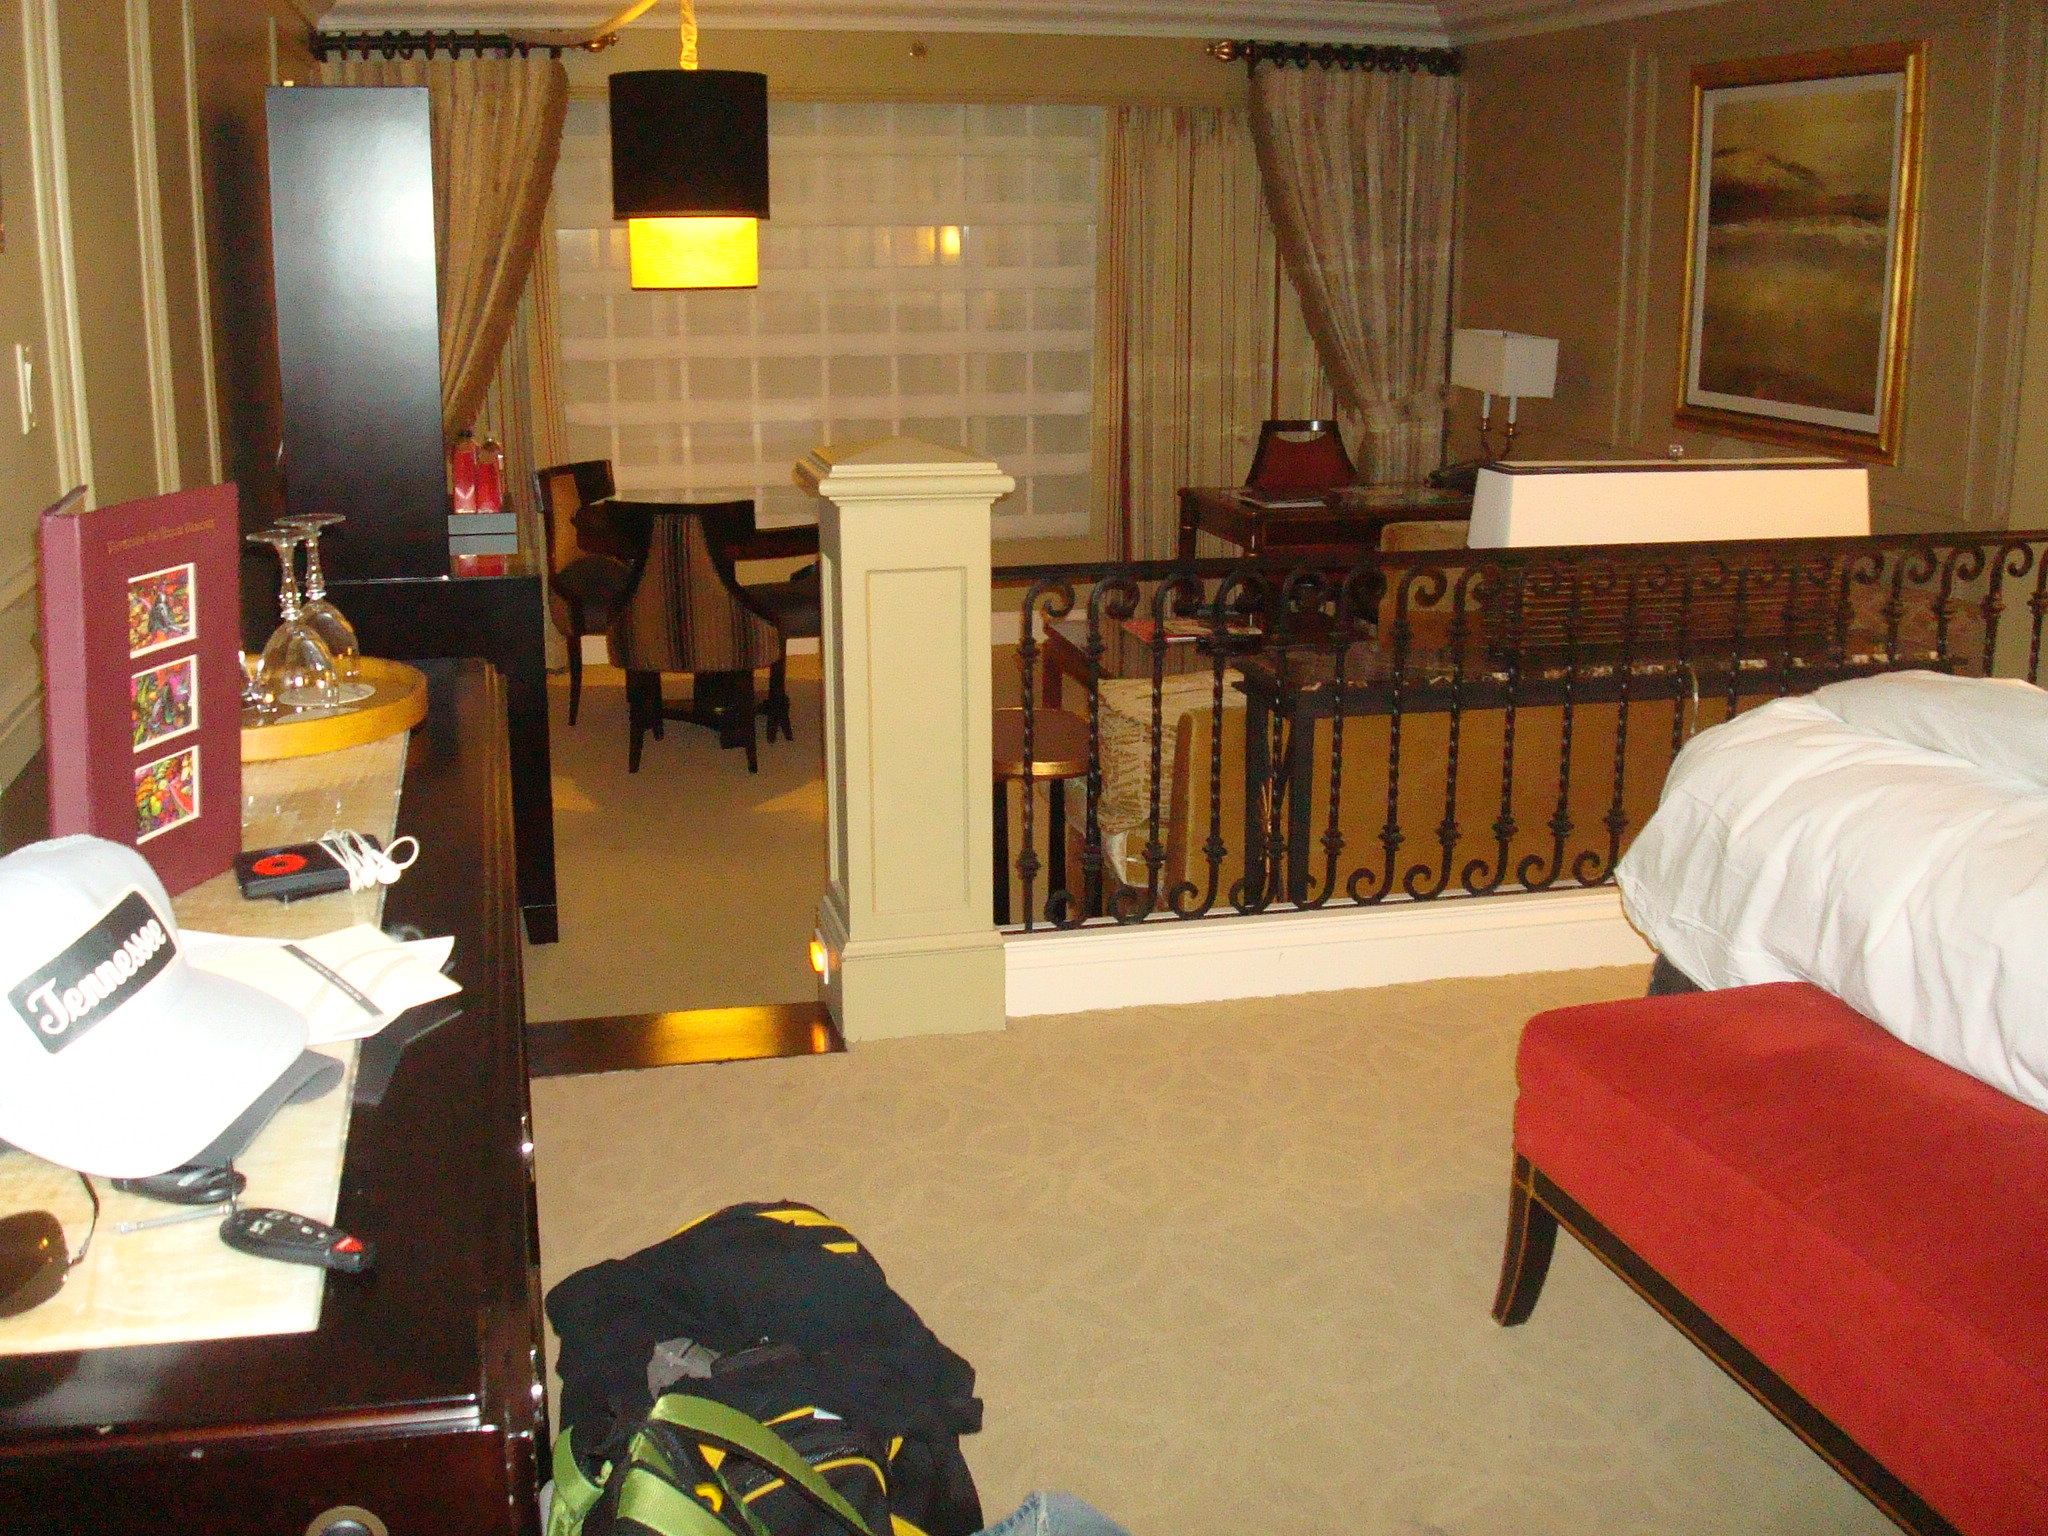 The venetian las vegas hotel deals - Over